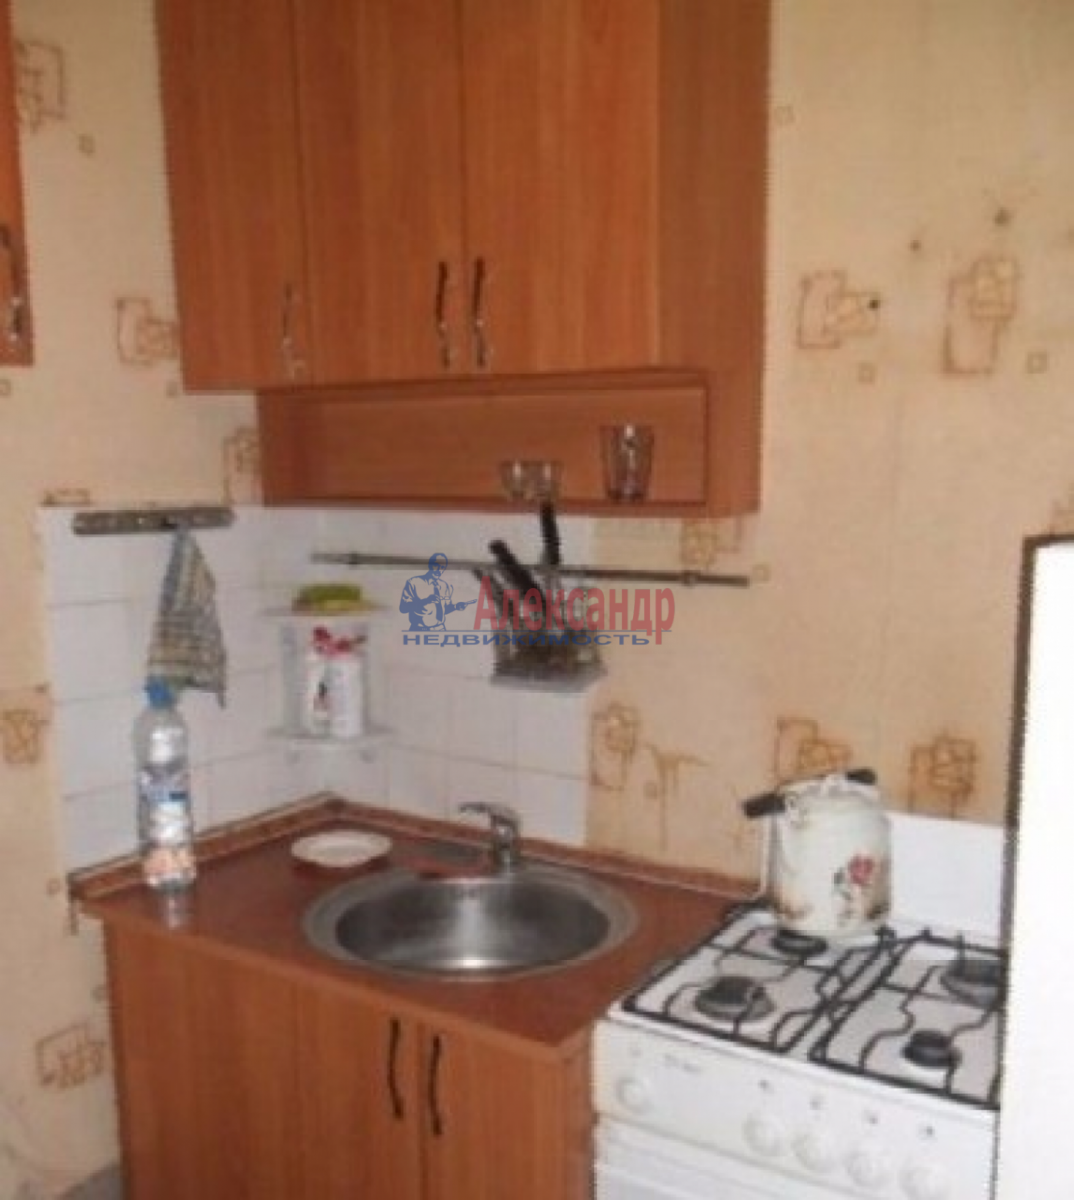 1-комнатная квартира (32м2) в аренду по адресу Орджоникидзе ул., 34— фото 1 из 4